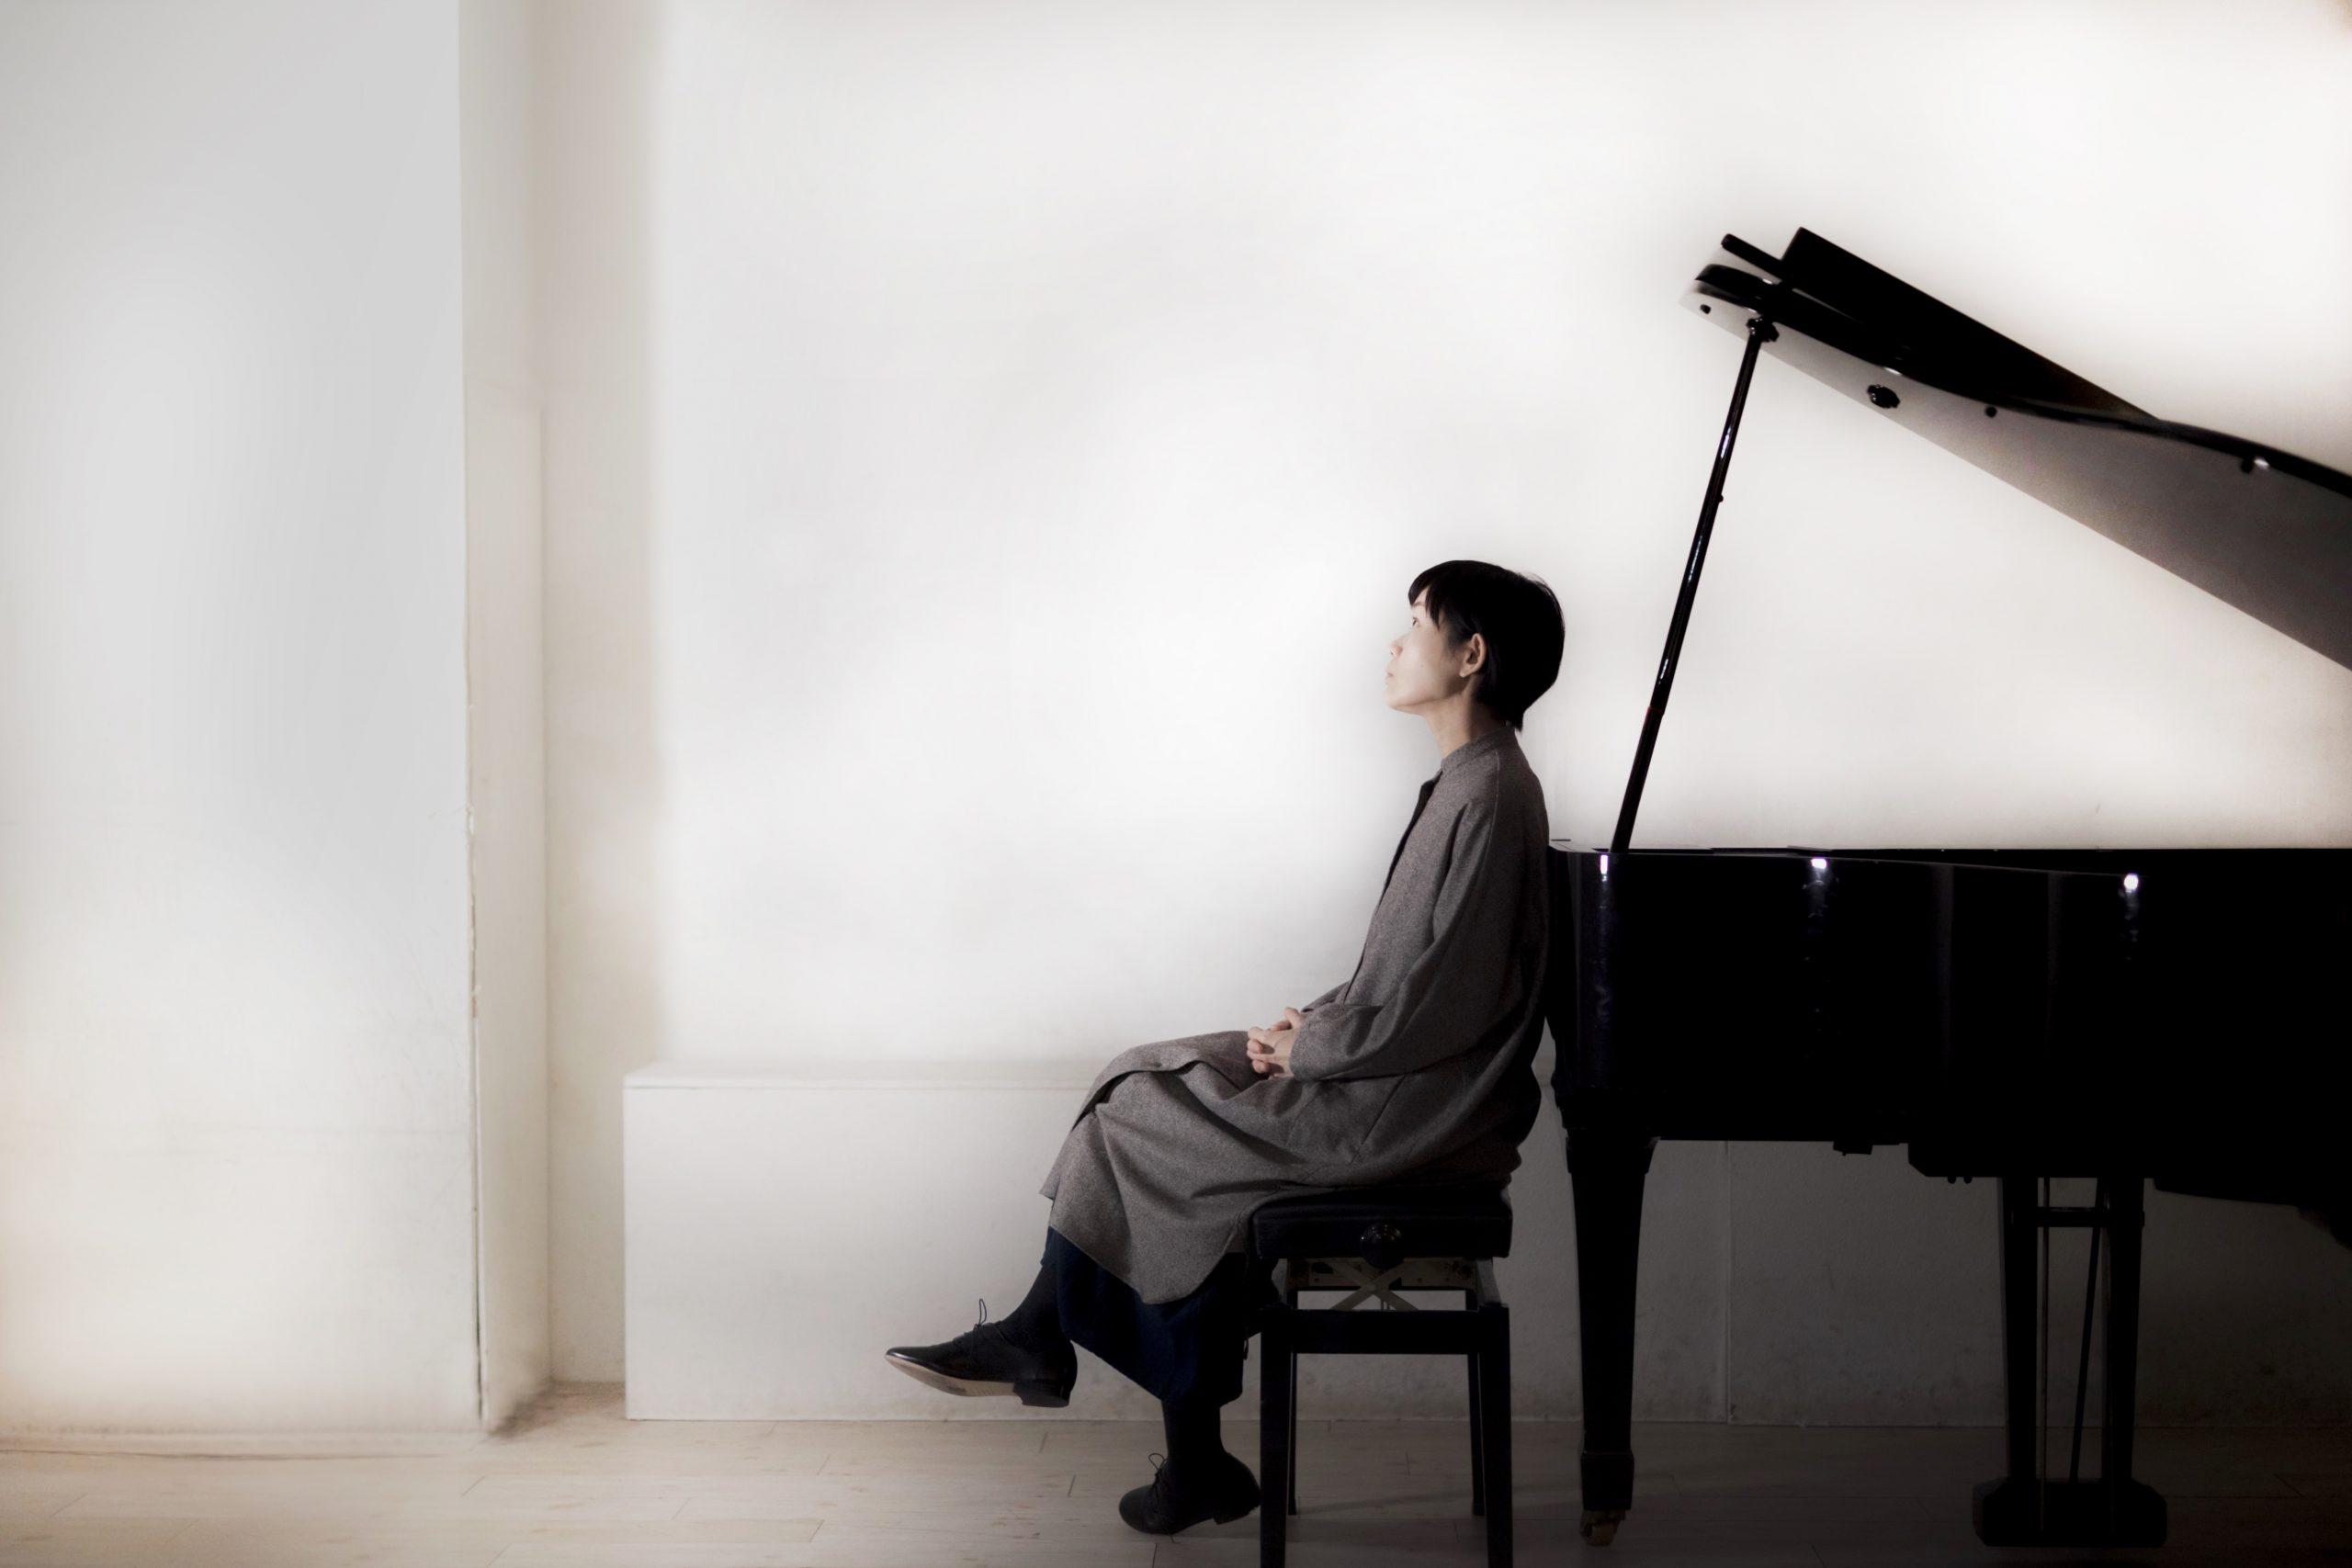 Hanae Sakuyama